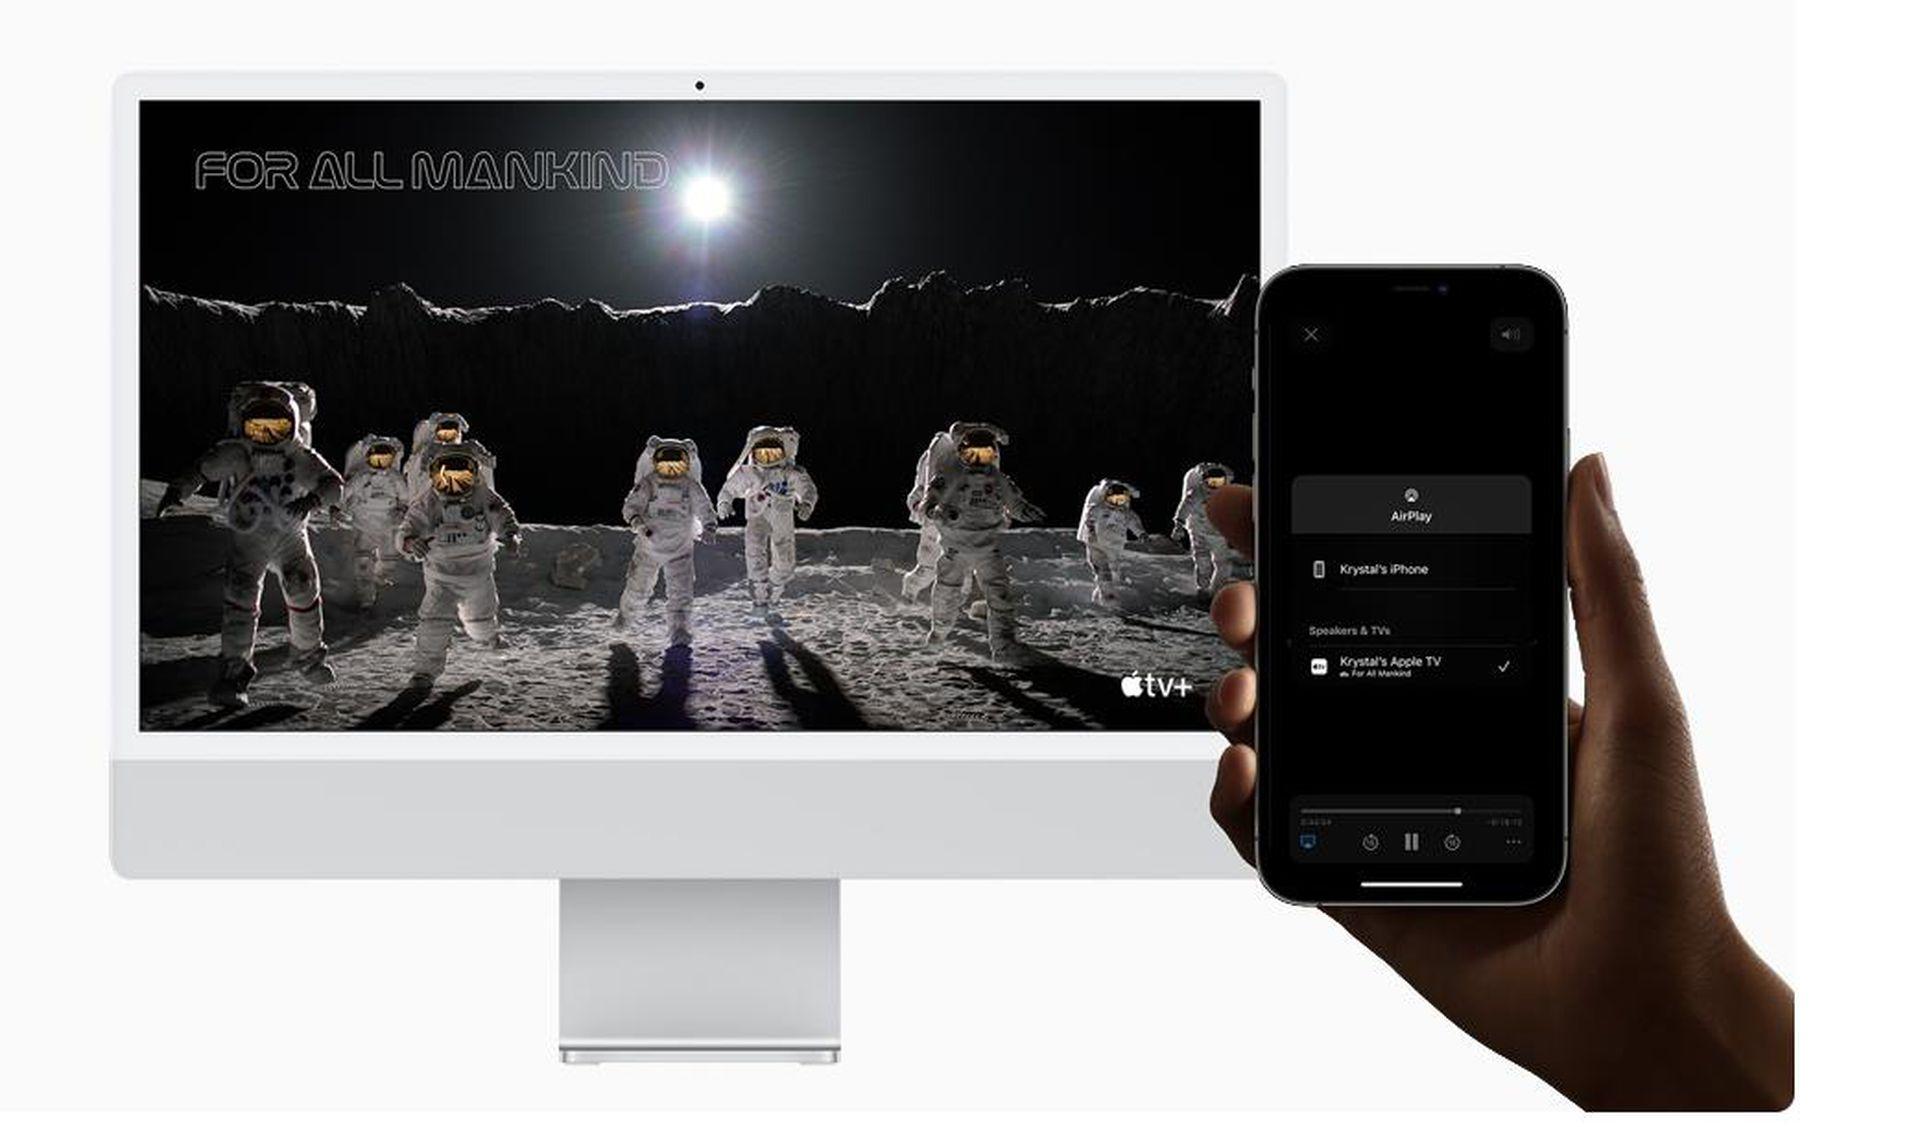 蘋果WWDC上秀肌肉 強化產品互聯互通劍指鴻蒙系統|企業熱評